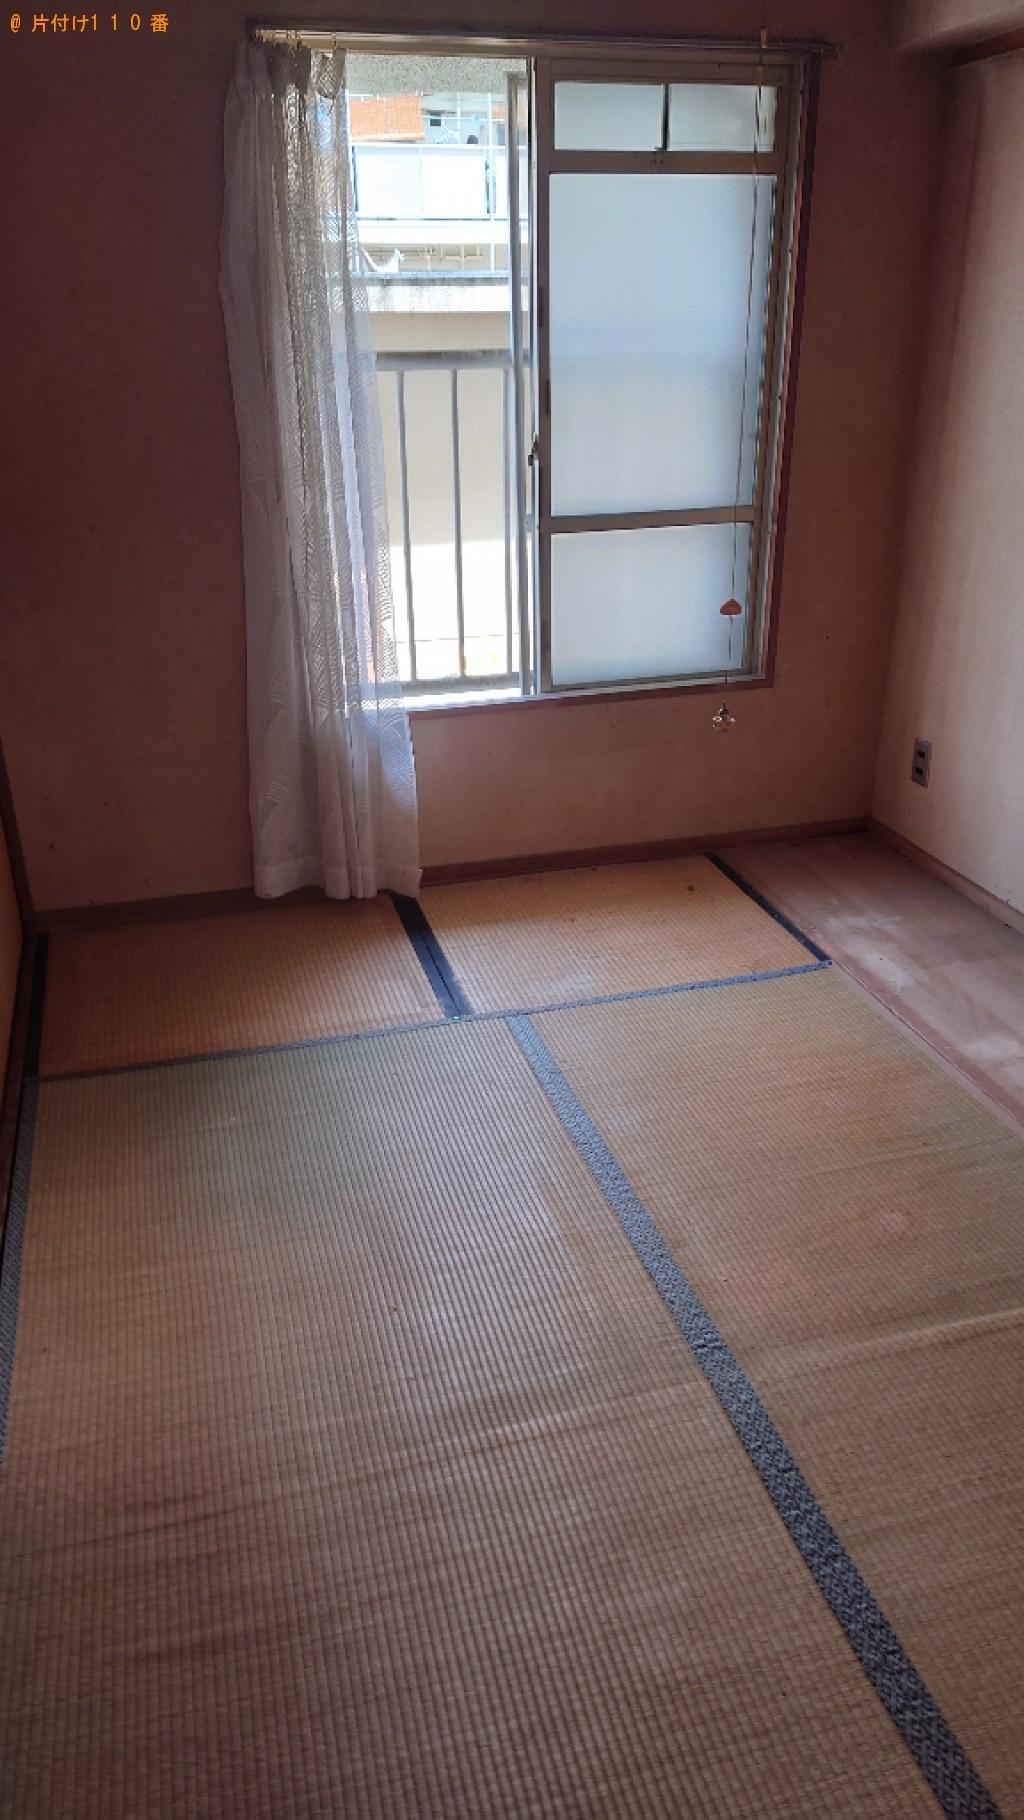 【松山市富久町】タンス、仏壇、四人用ダイニングテーブル等の回収